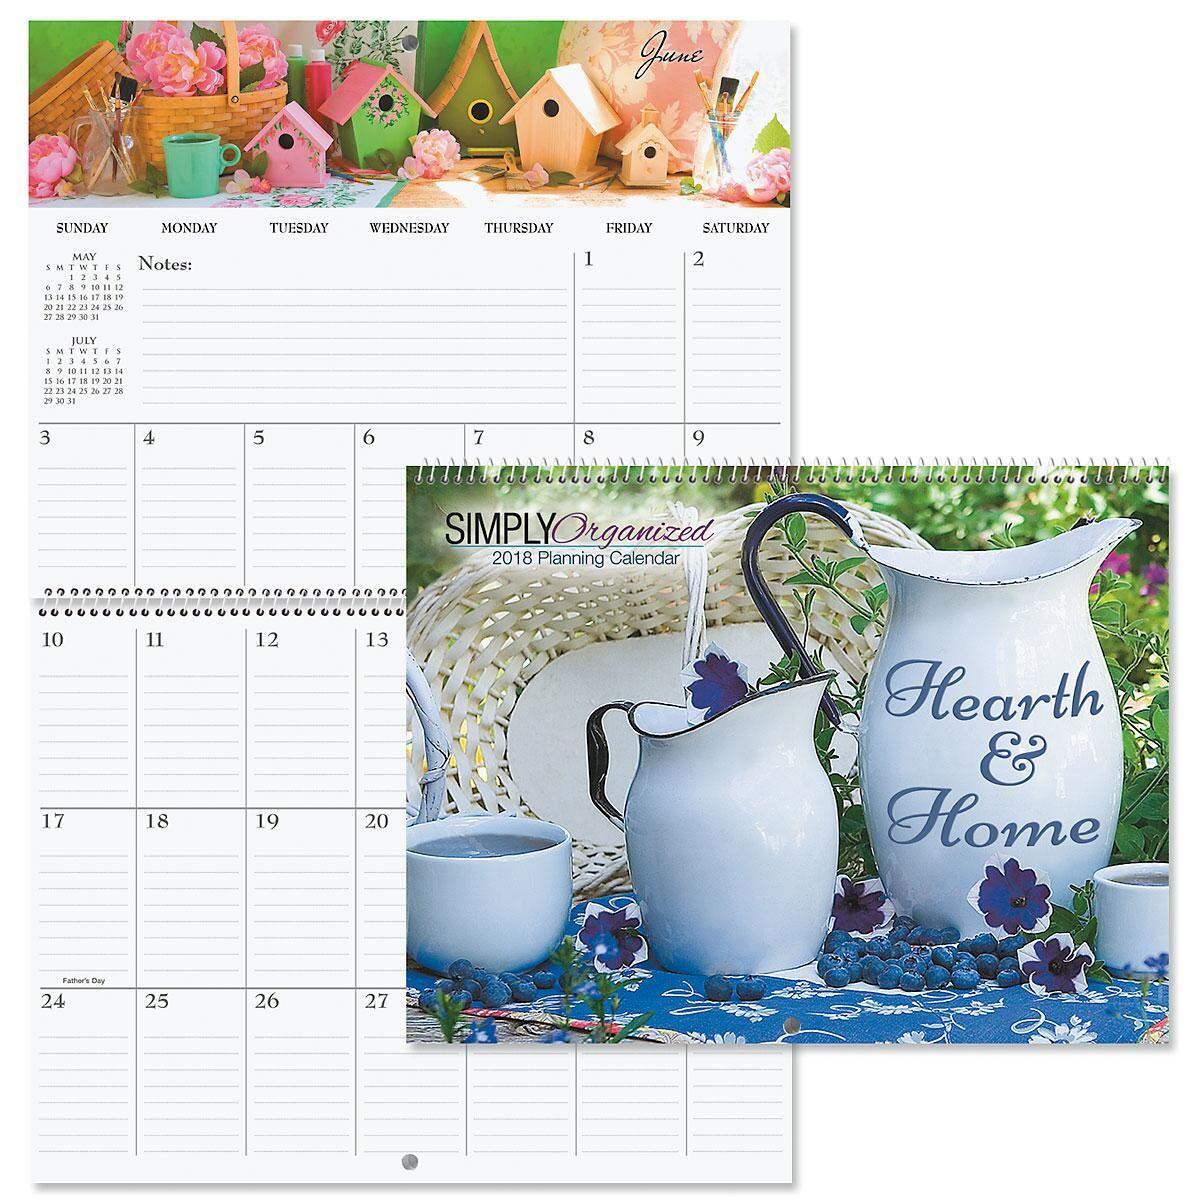 2018 Hearth & Home Big Grid Planning Calendar